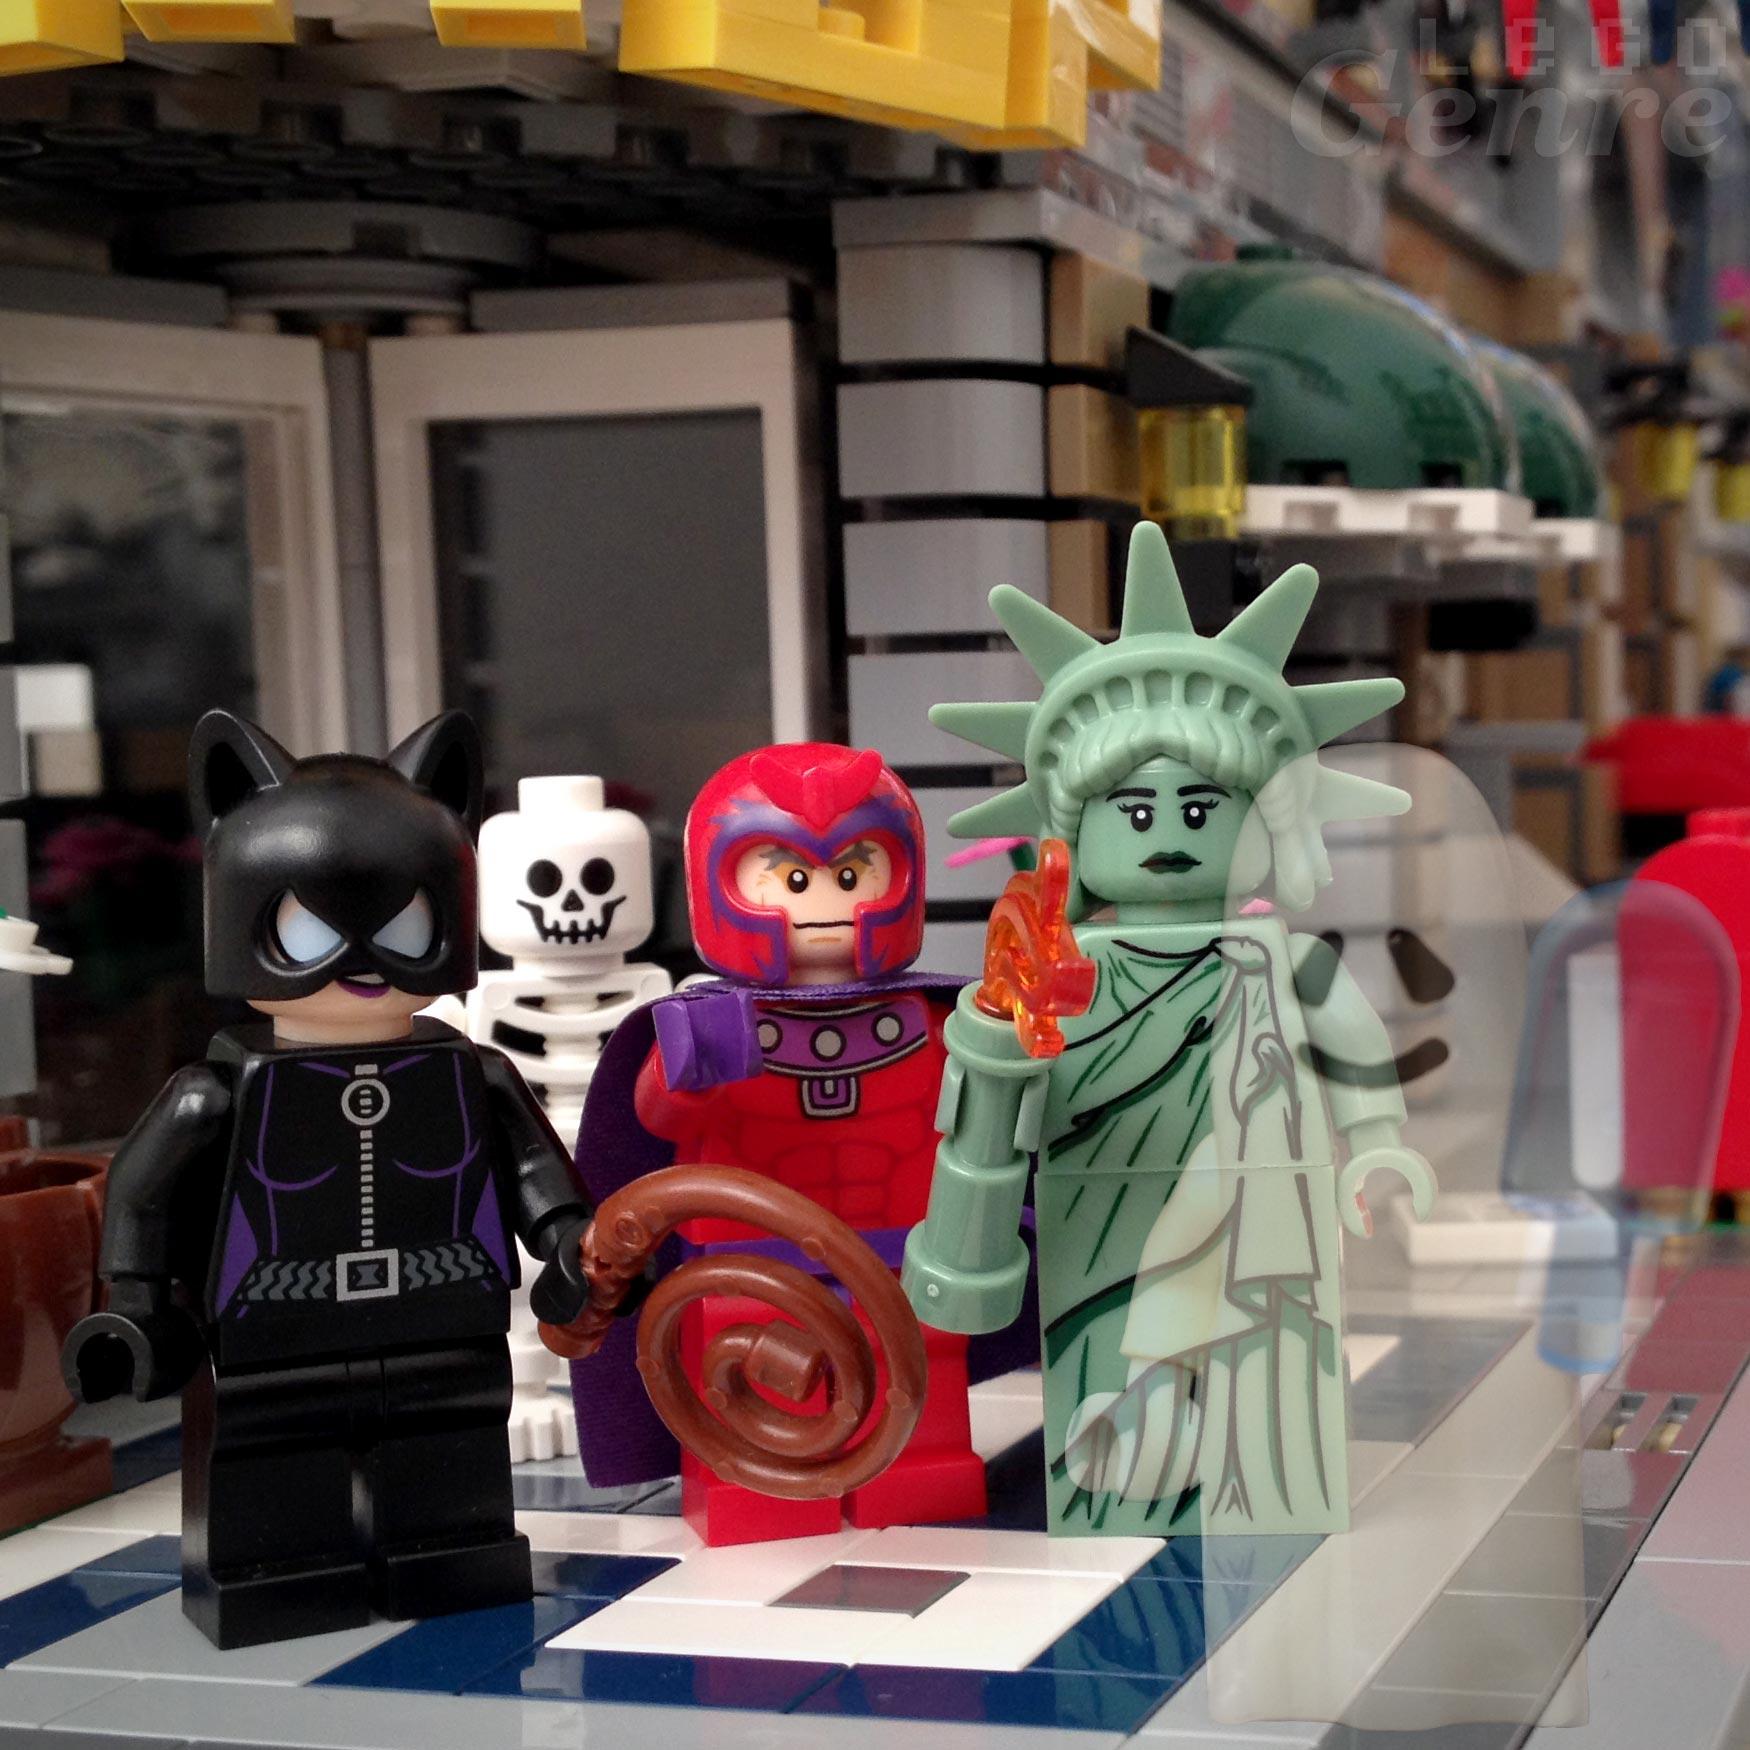 LegoGenre 00324: Happy Halloween (2013)